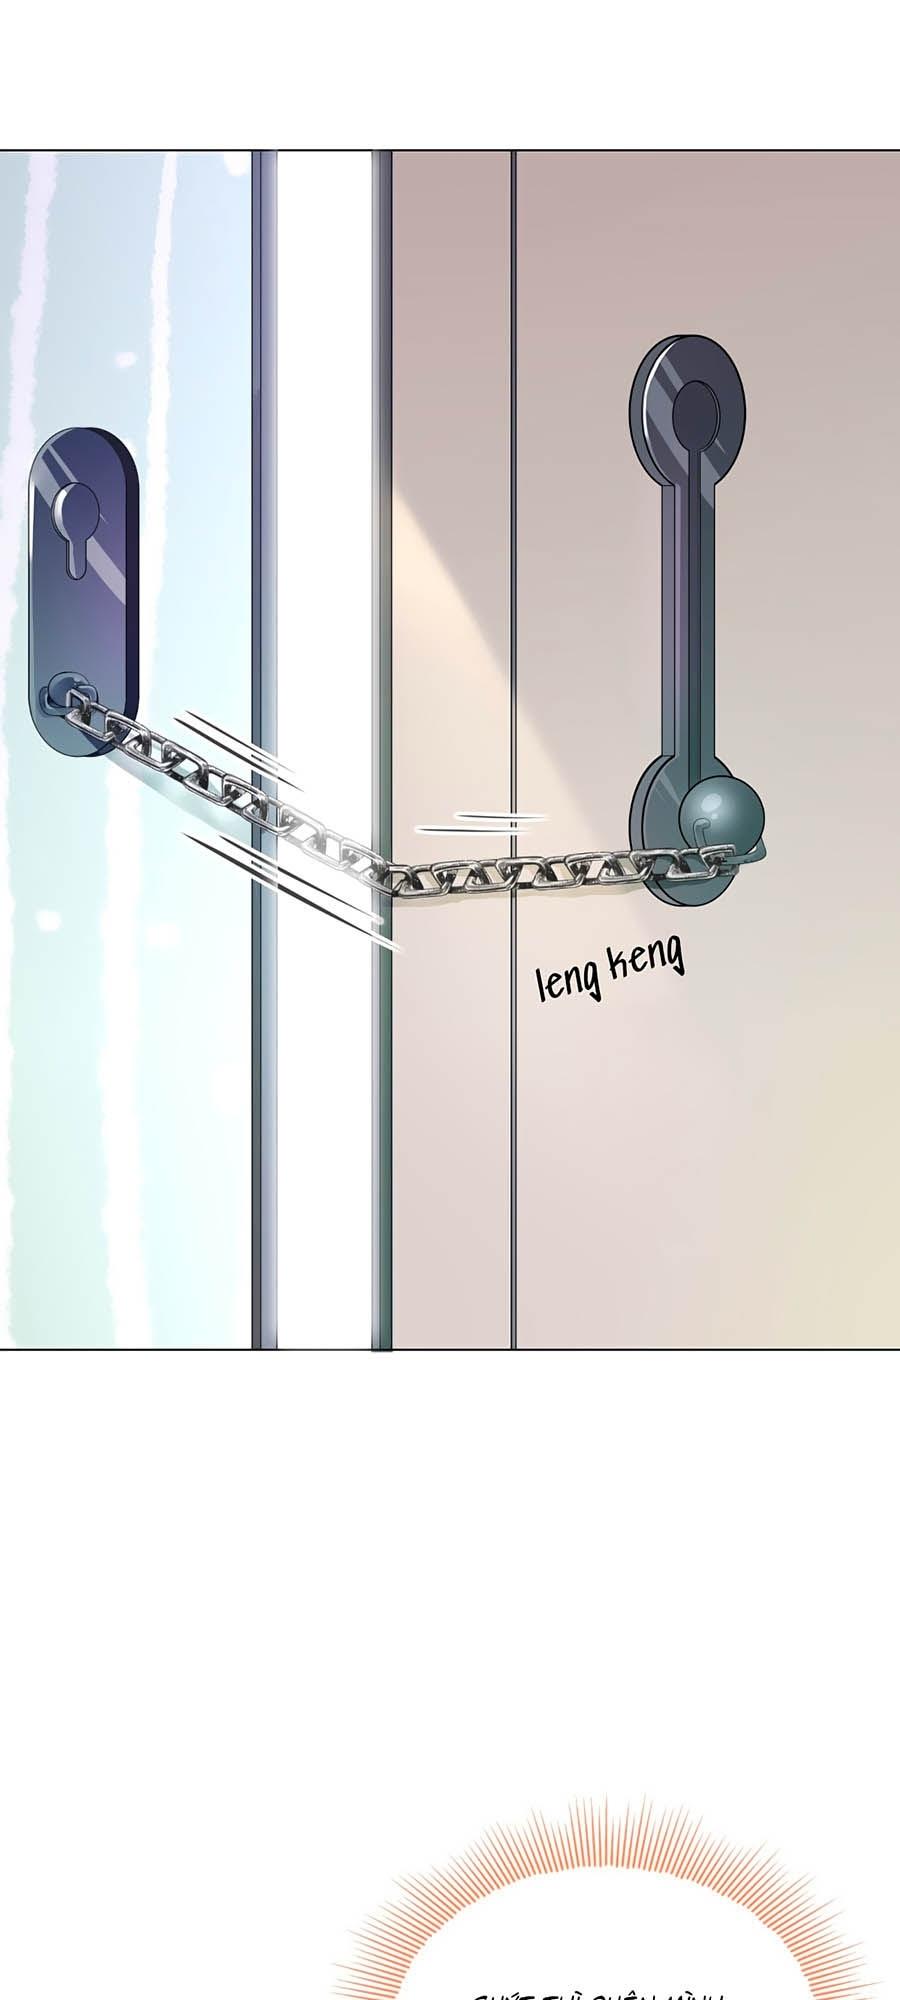 Ma Vương Sau Bộ Vest: Tổng Tài Khó Chiều Cưa Không Nổi chap 10 - Trang 13